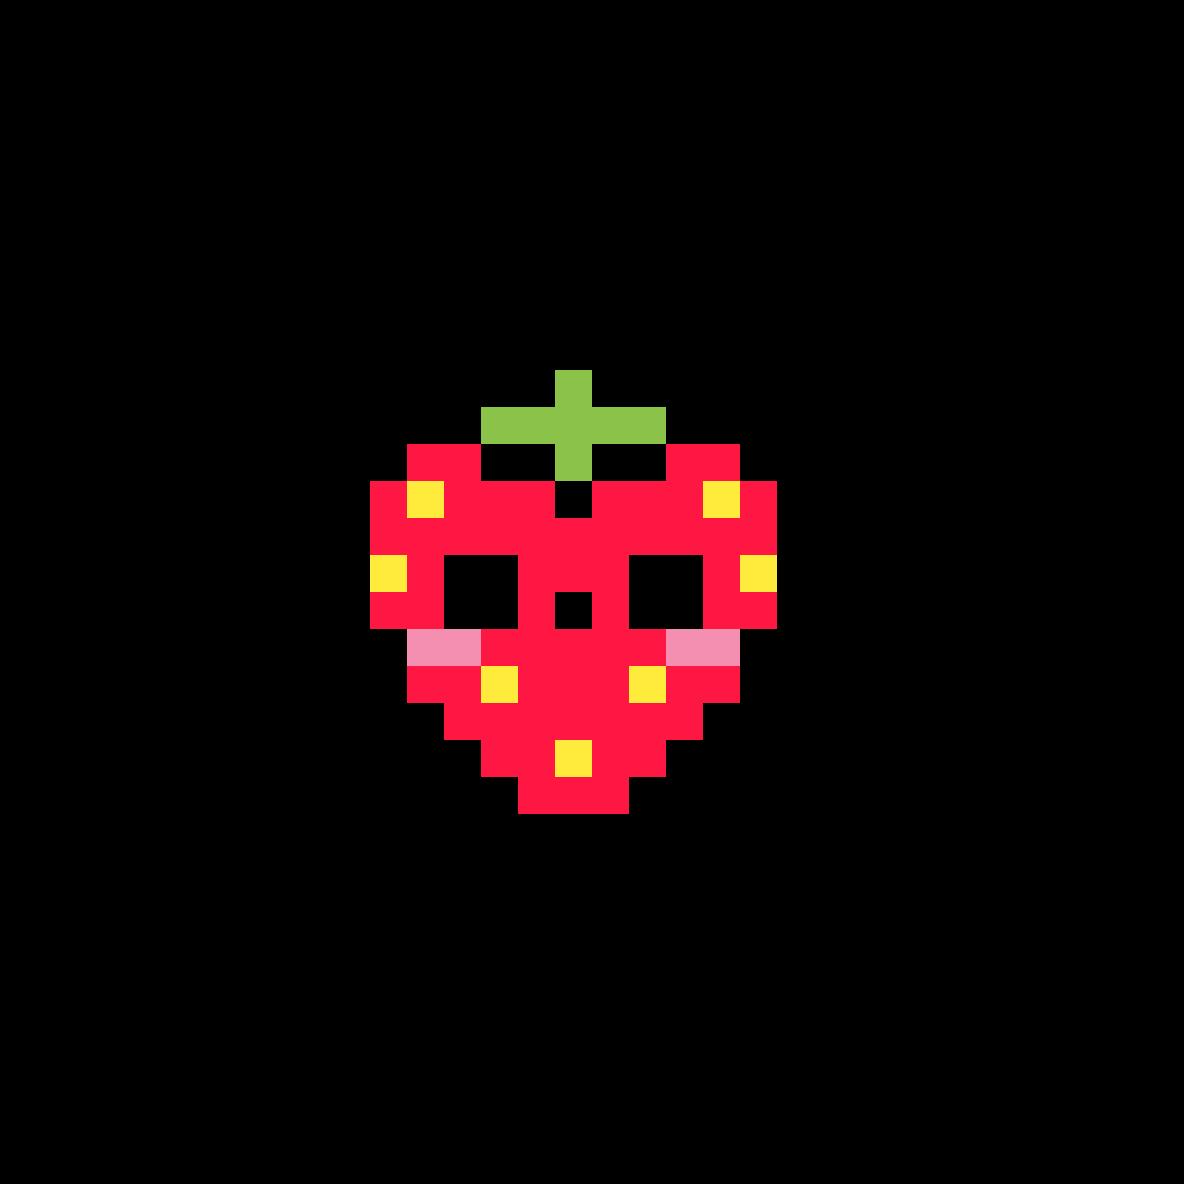 strawberry by HAHAHAHA